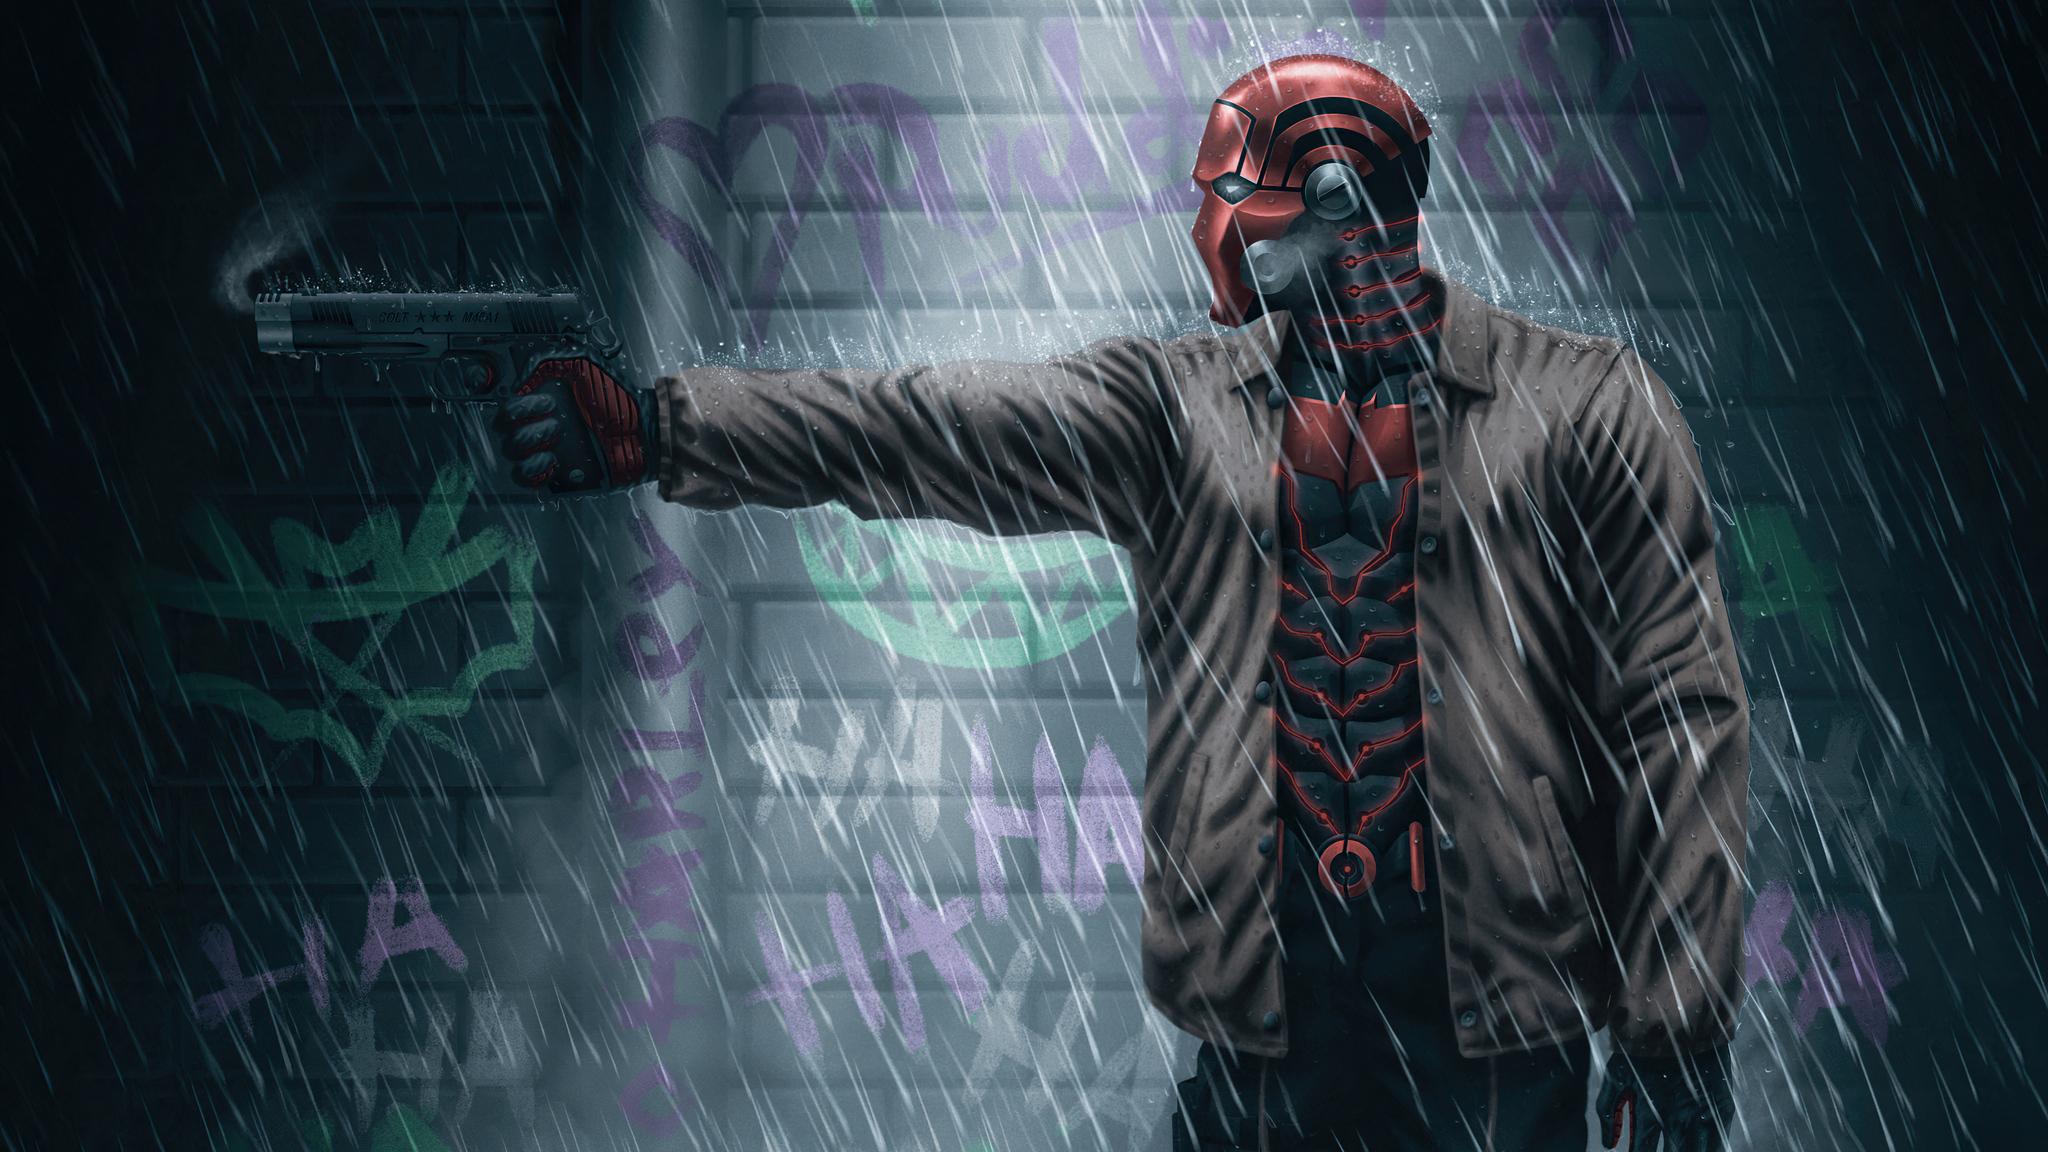 red-hood-shotting-in-rain-4k-95.jpg